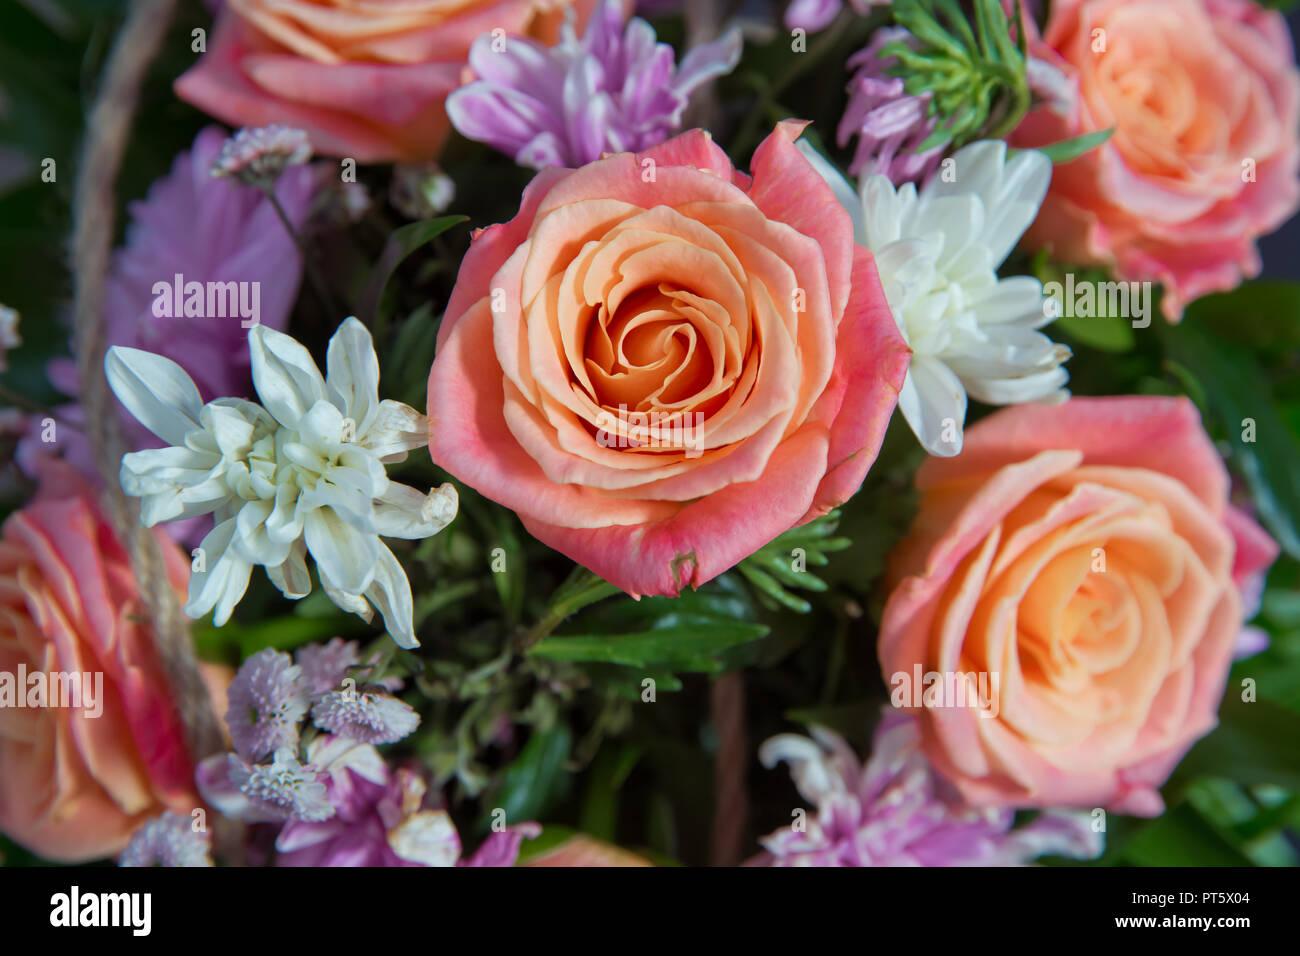 Bunte Rosen In Einer Blumigen Hochzeit Dekoration Schonen